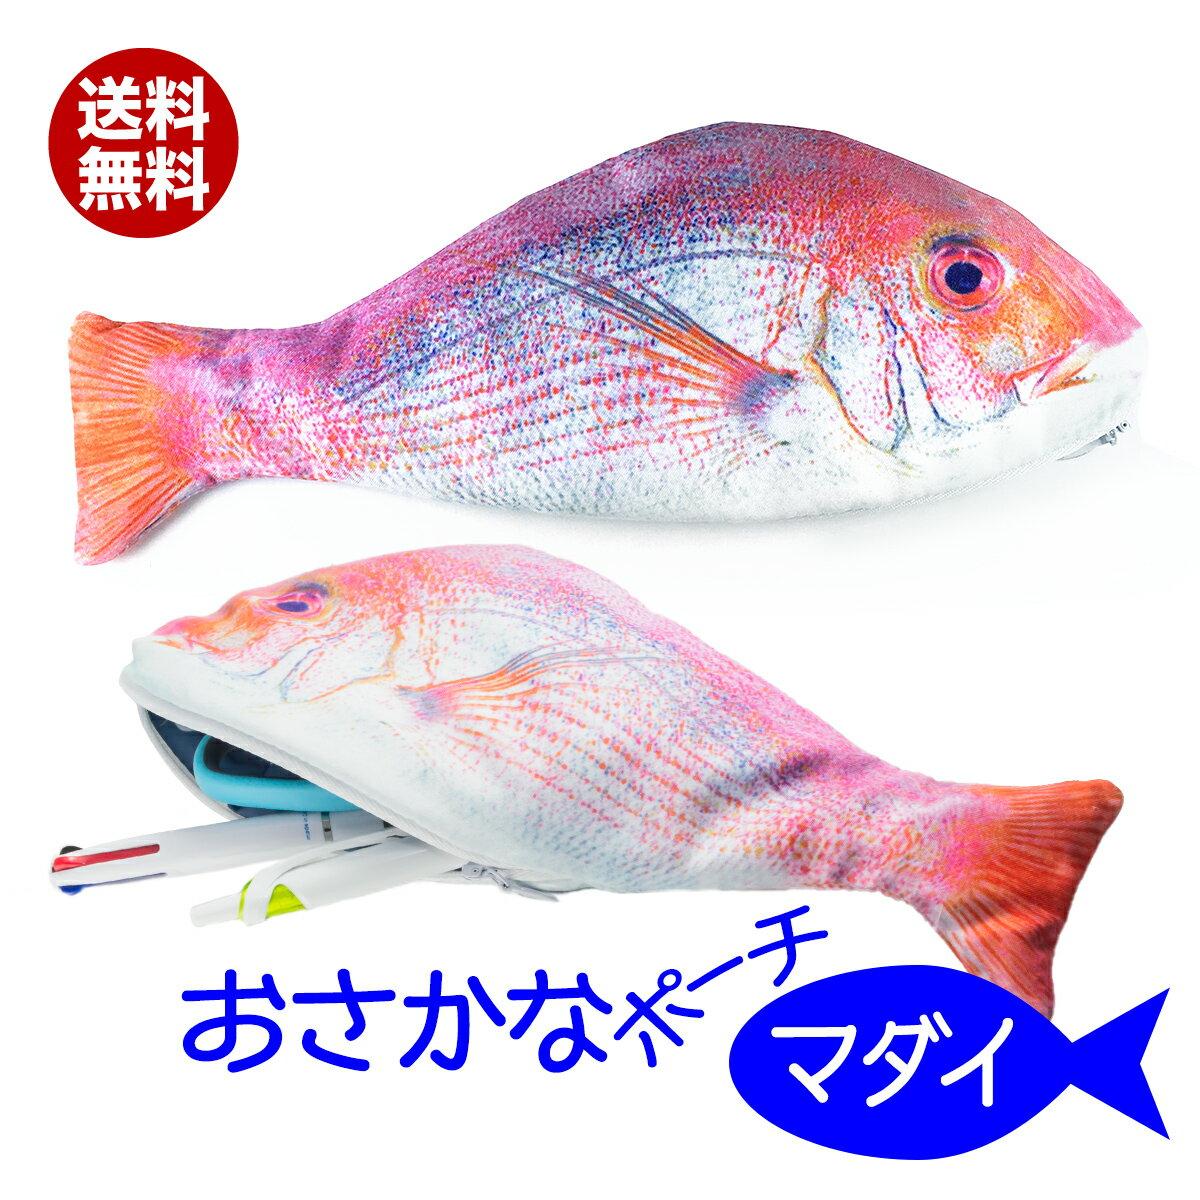 オルルド釣具 魚型 小物入れ ポーチ ペンケース マダイ 真鯛